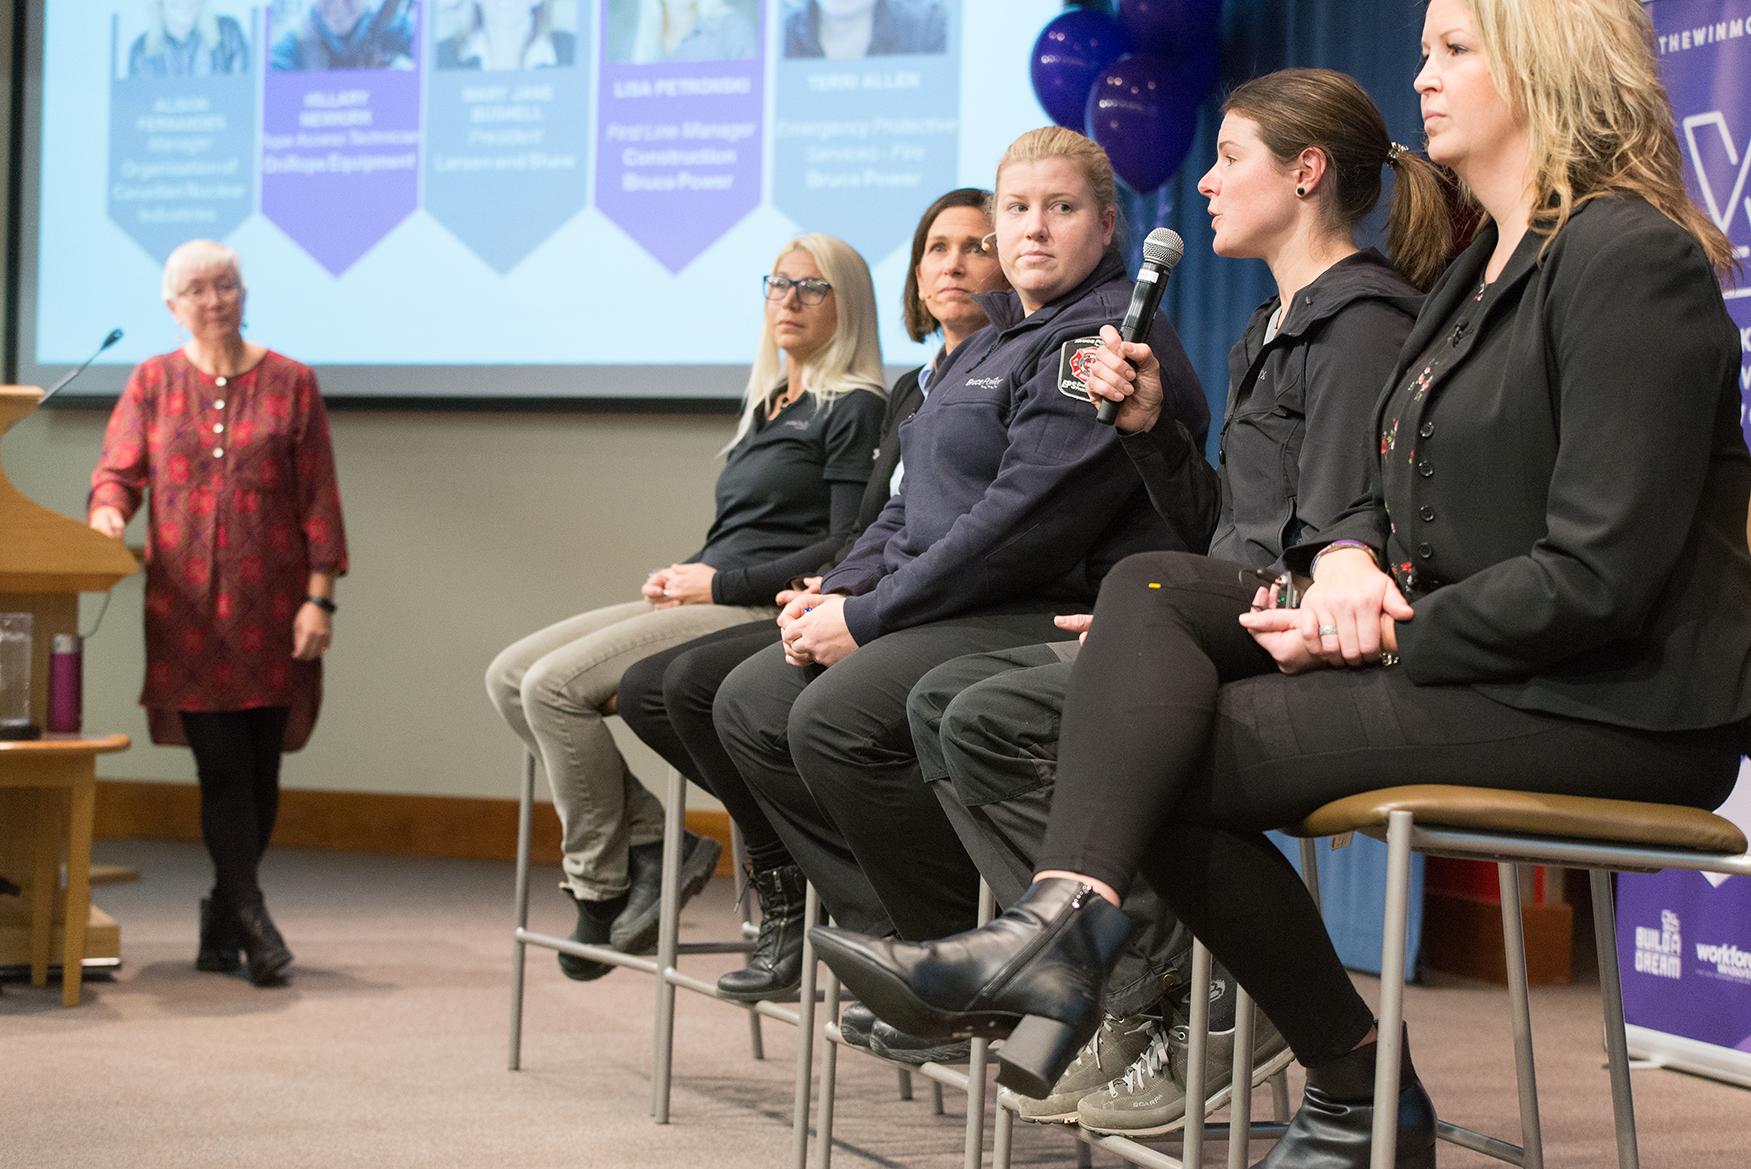 Panel talking